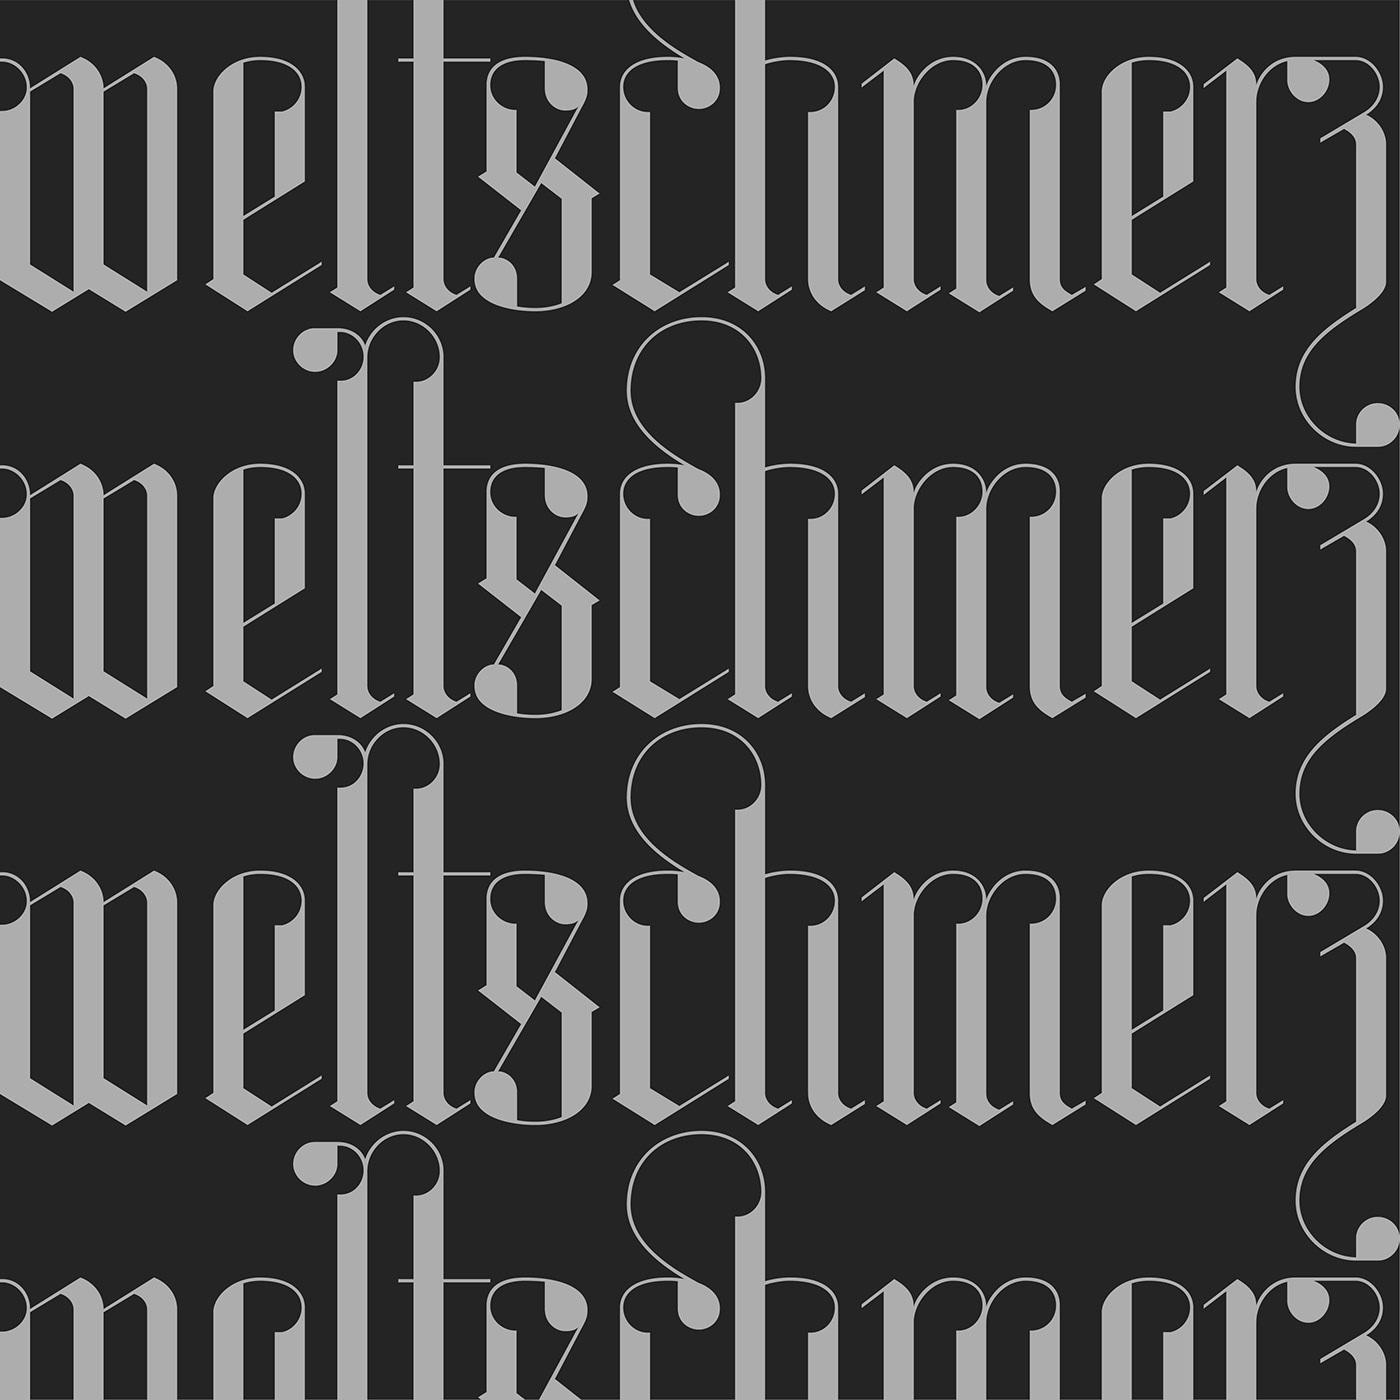 Blackletter,font,fonts,glyphs,graphic design ,textura,type,type design,Typographie,typography